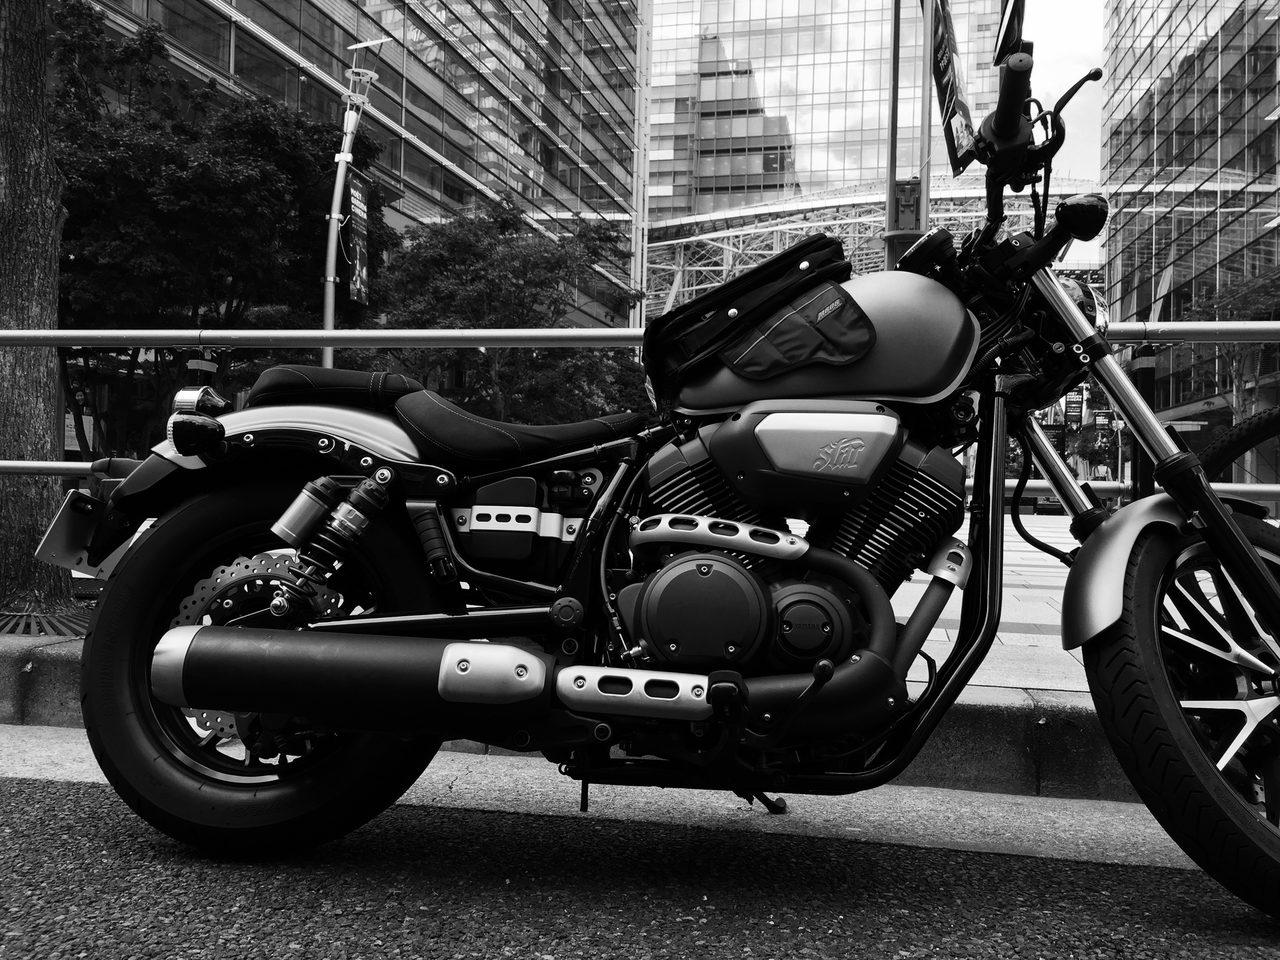 画像: 【街乗りレビュー】クールなアーバンクルーザー YAMAHA BOLT - LAWRENCE(ロレンス) - Motorcycle x Cars + α = Your Life.